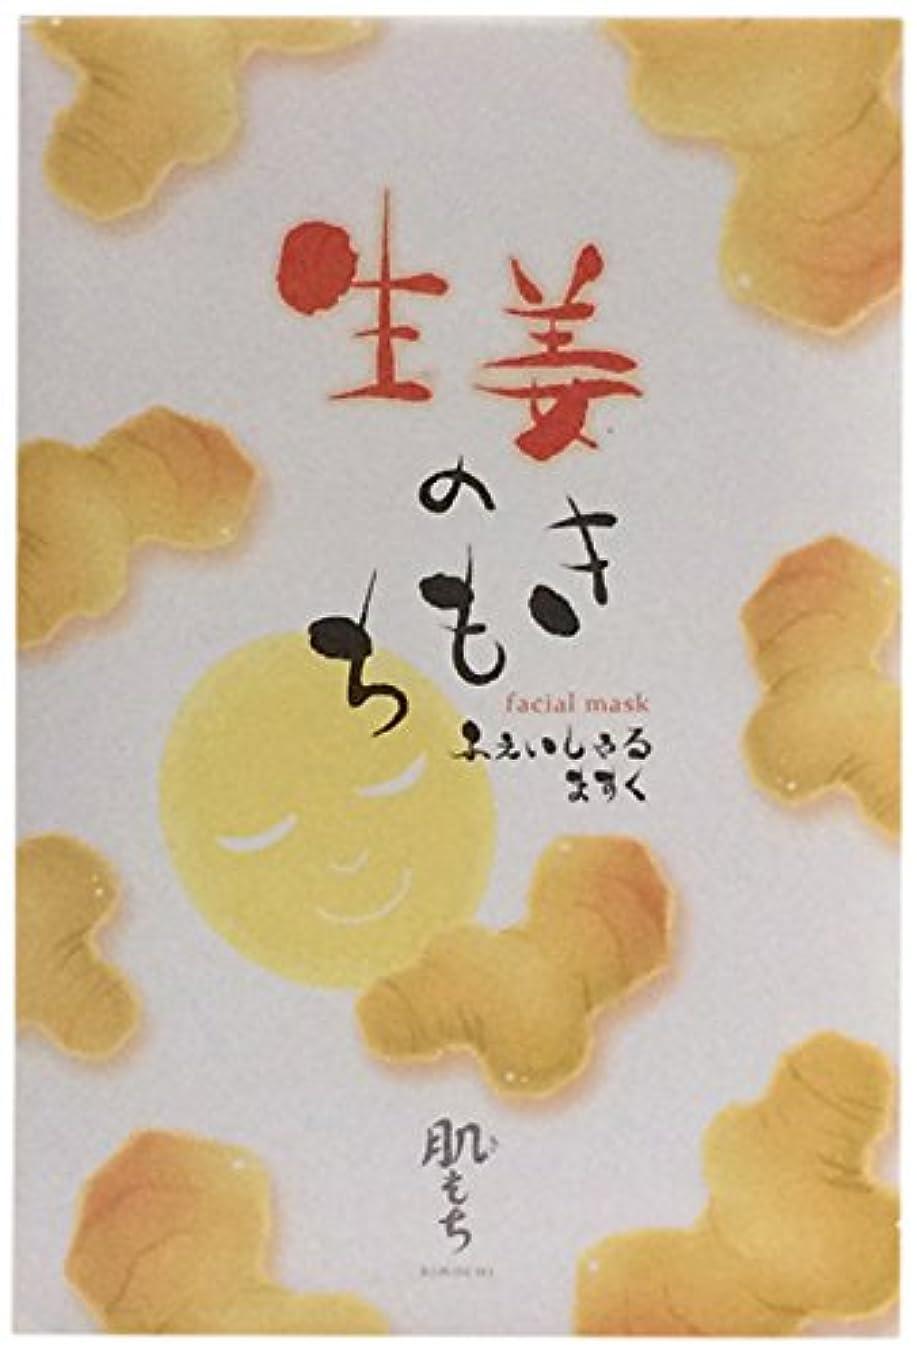 オプショナルホテルソロ肌もち 生姜のきもちフェイシャルマスク(美容液パック1枚20ml)